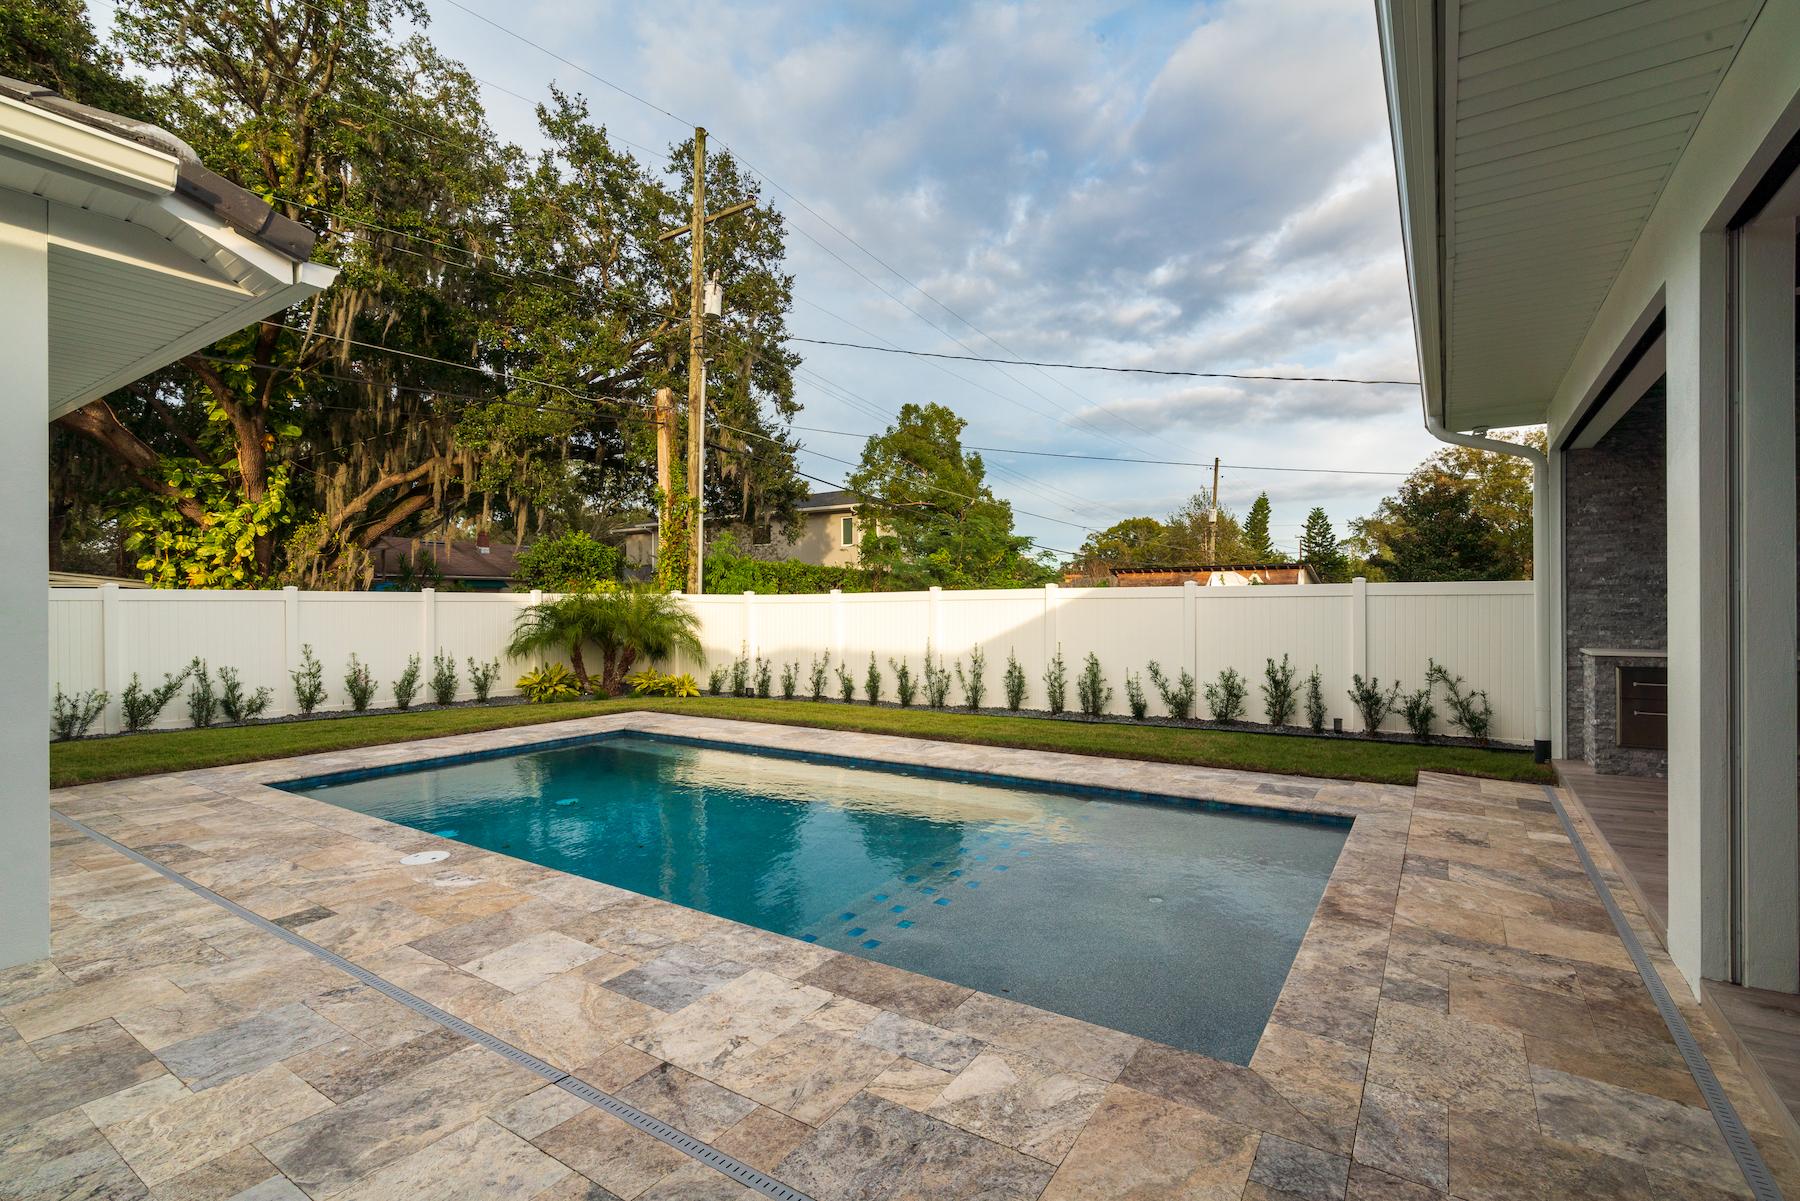 Paver patio around a pool